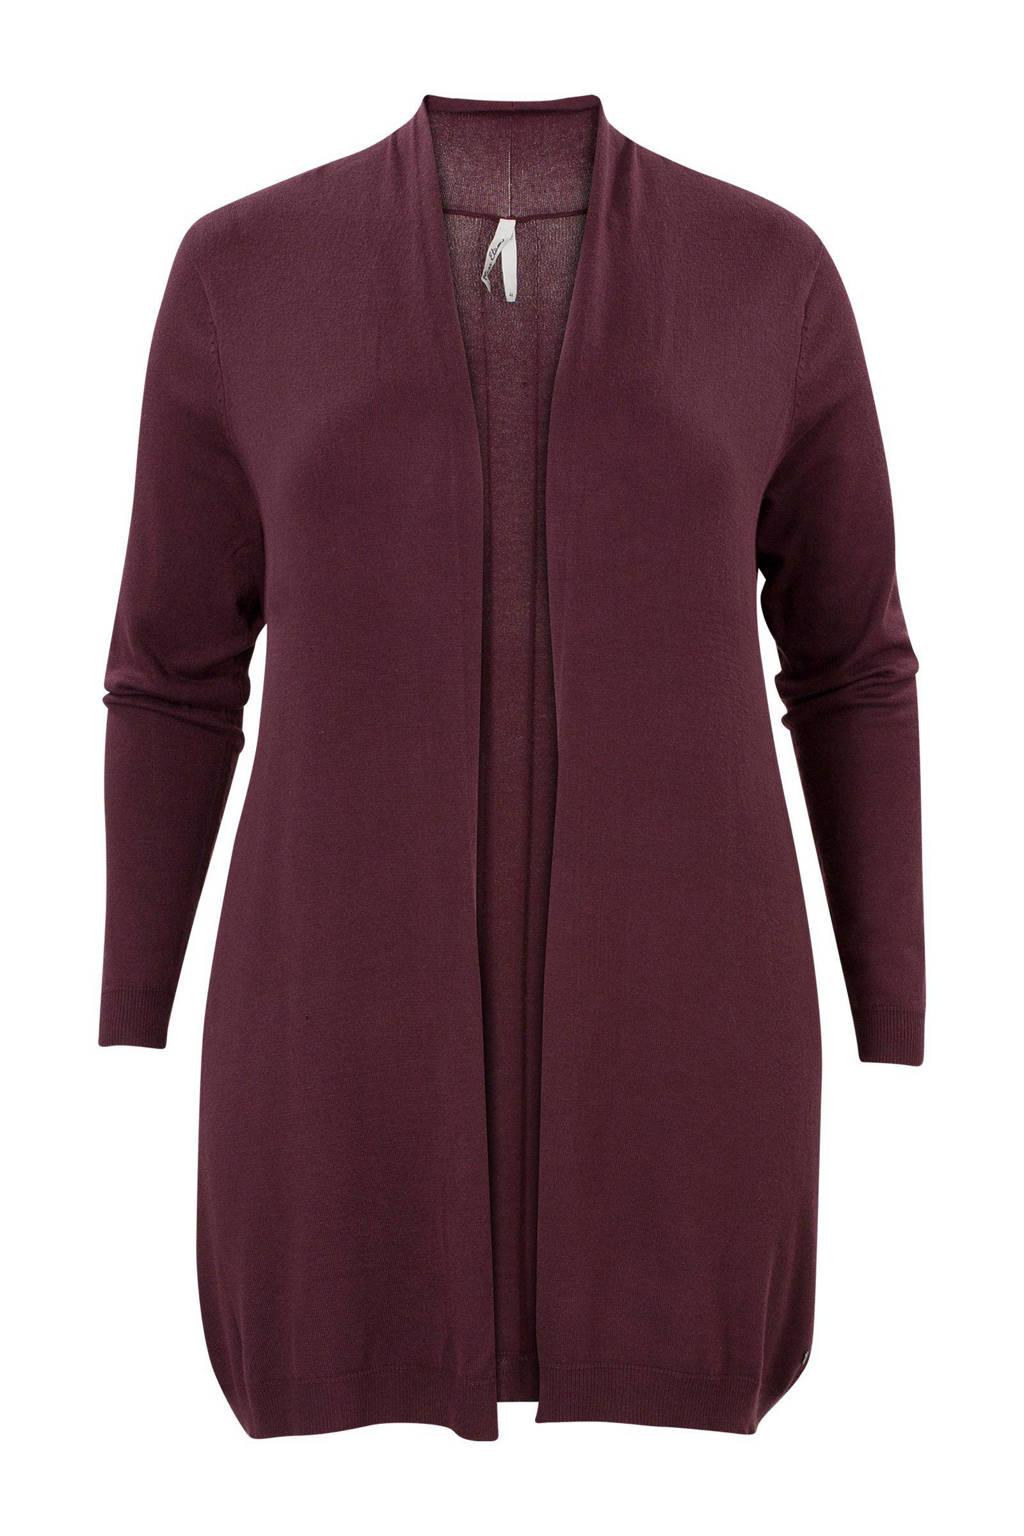 Miss Etam Plus vest, Aubergine